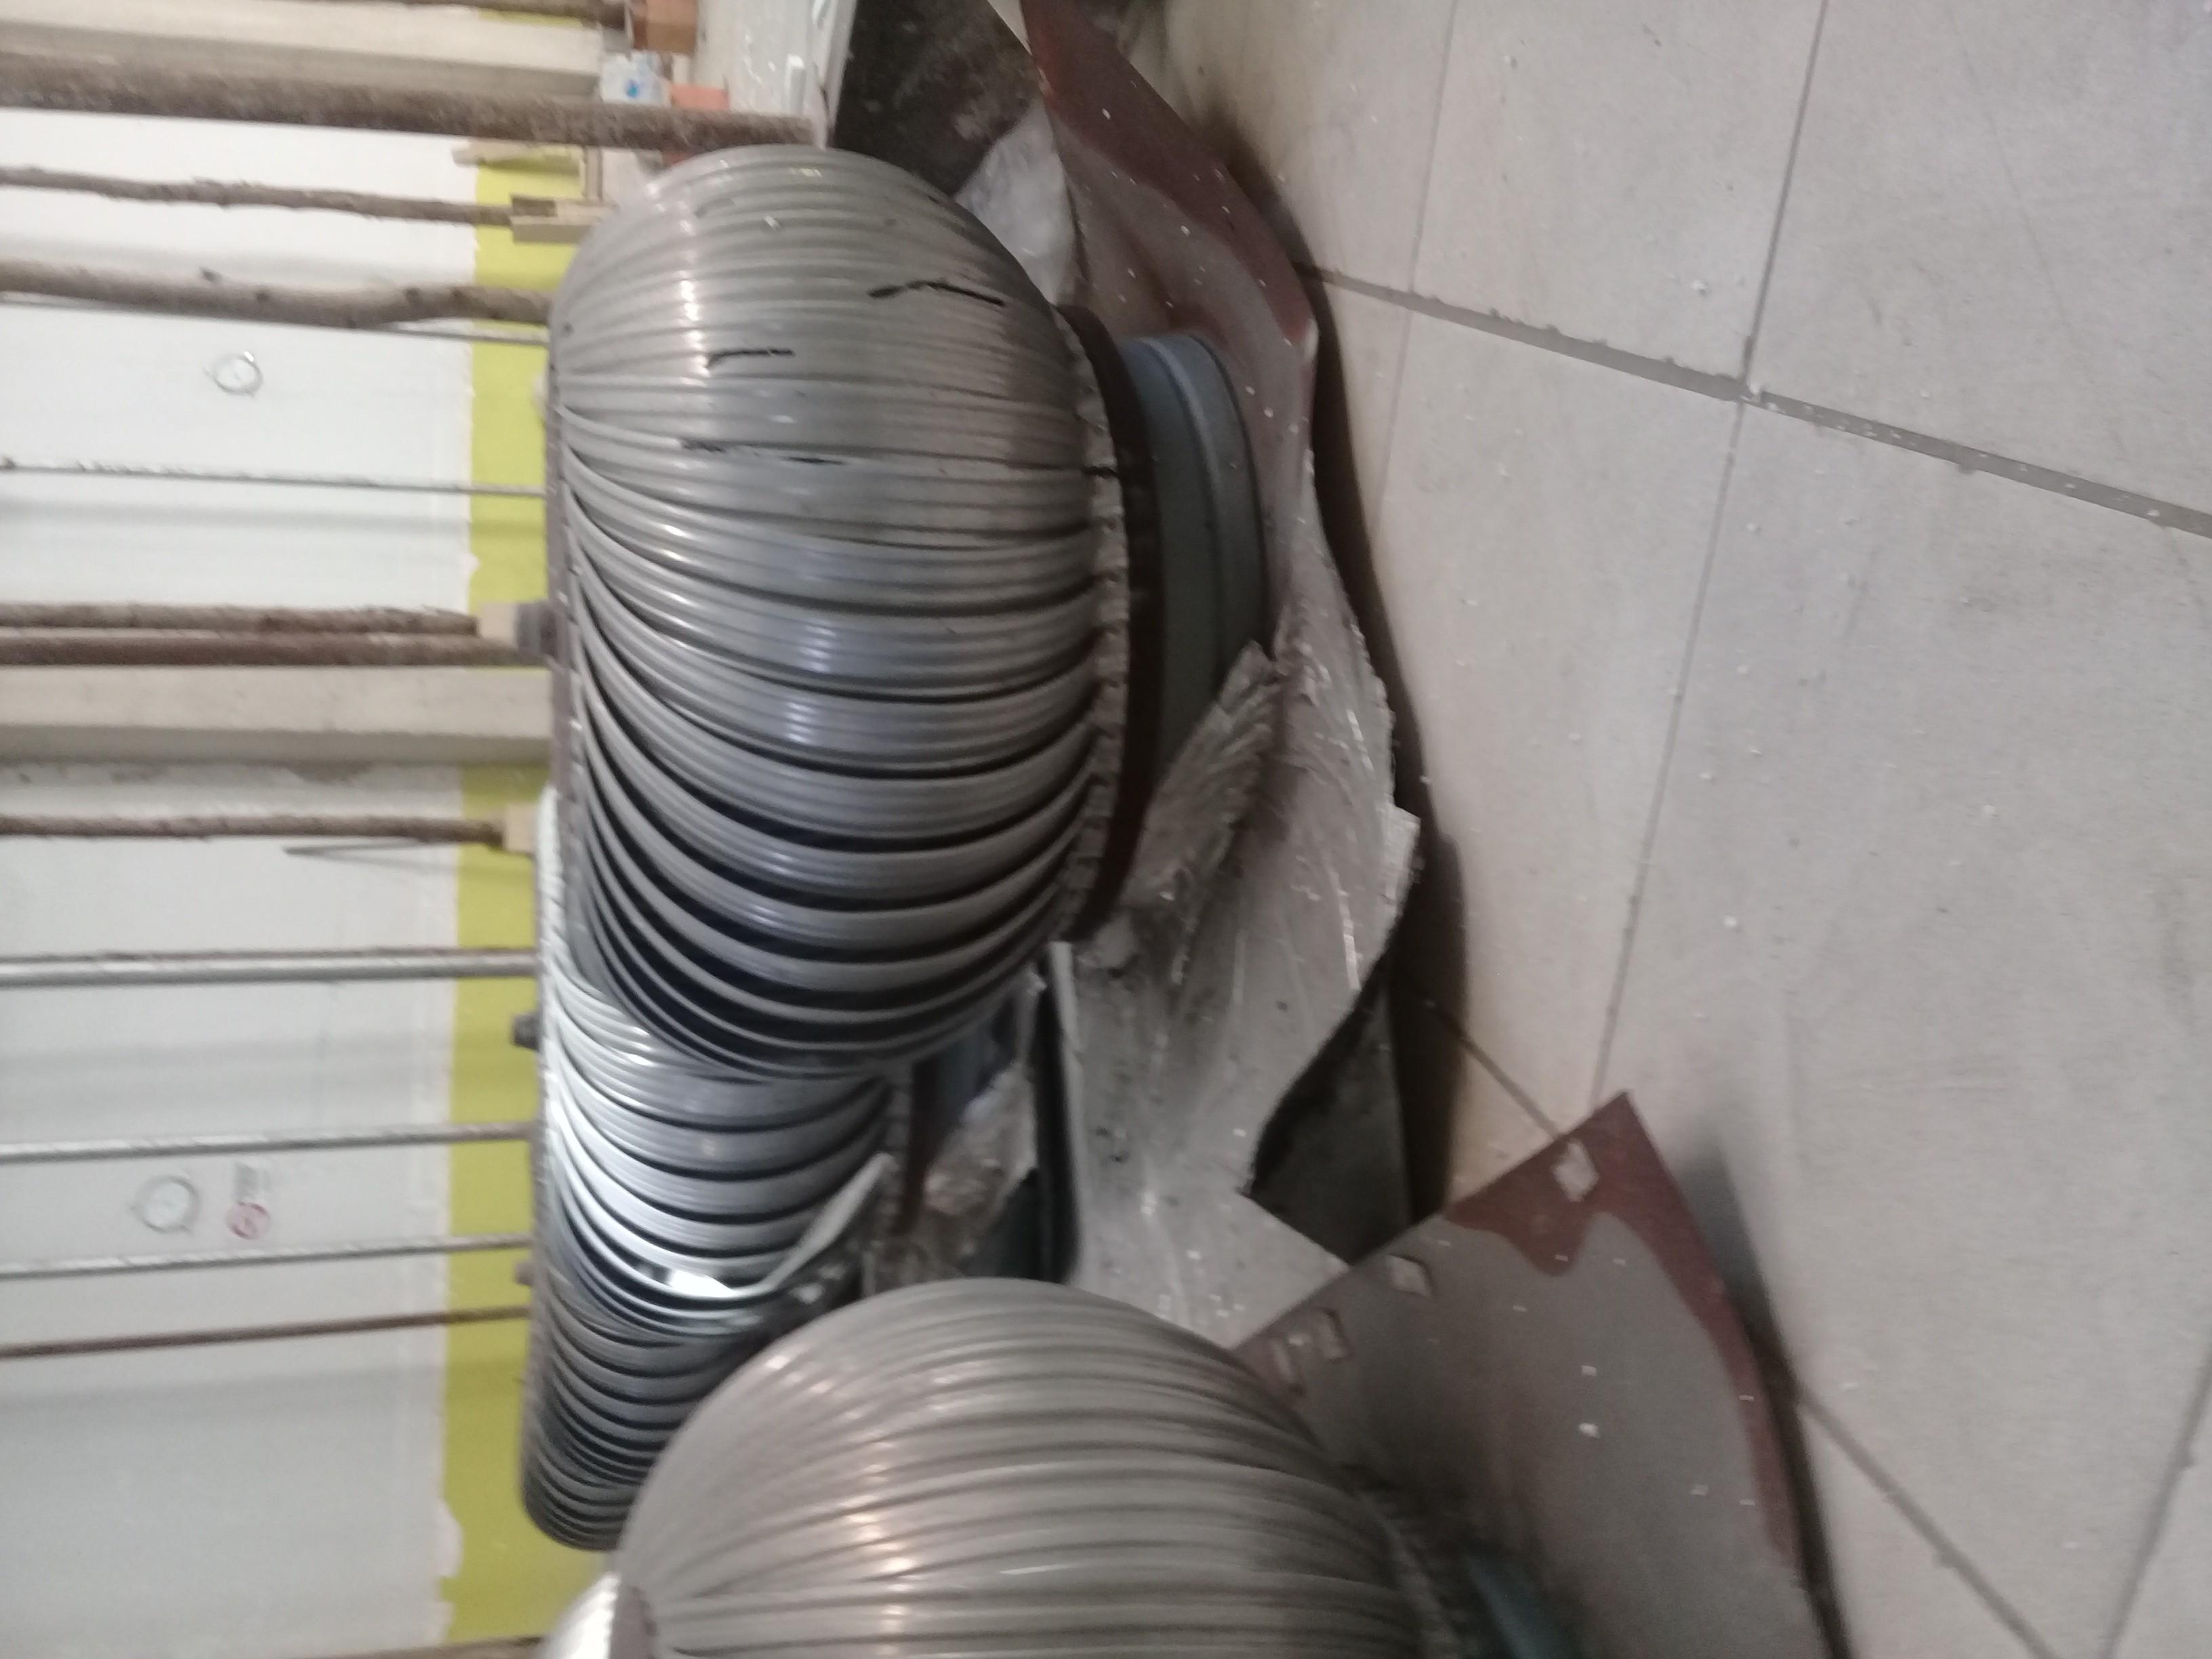 Vendo 8 exaustores eólicos R$ 600 os 8 em perfeito estado 80 ctm m